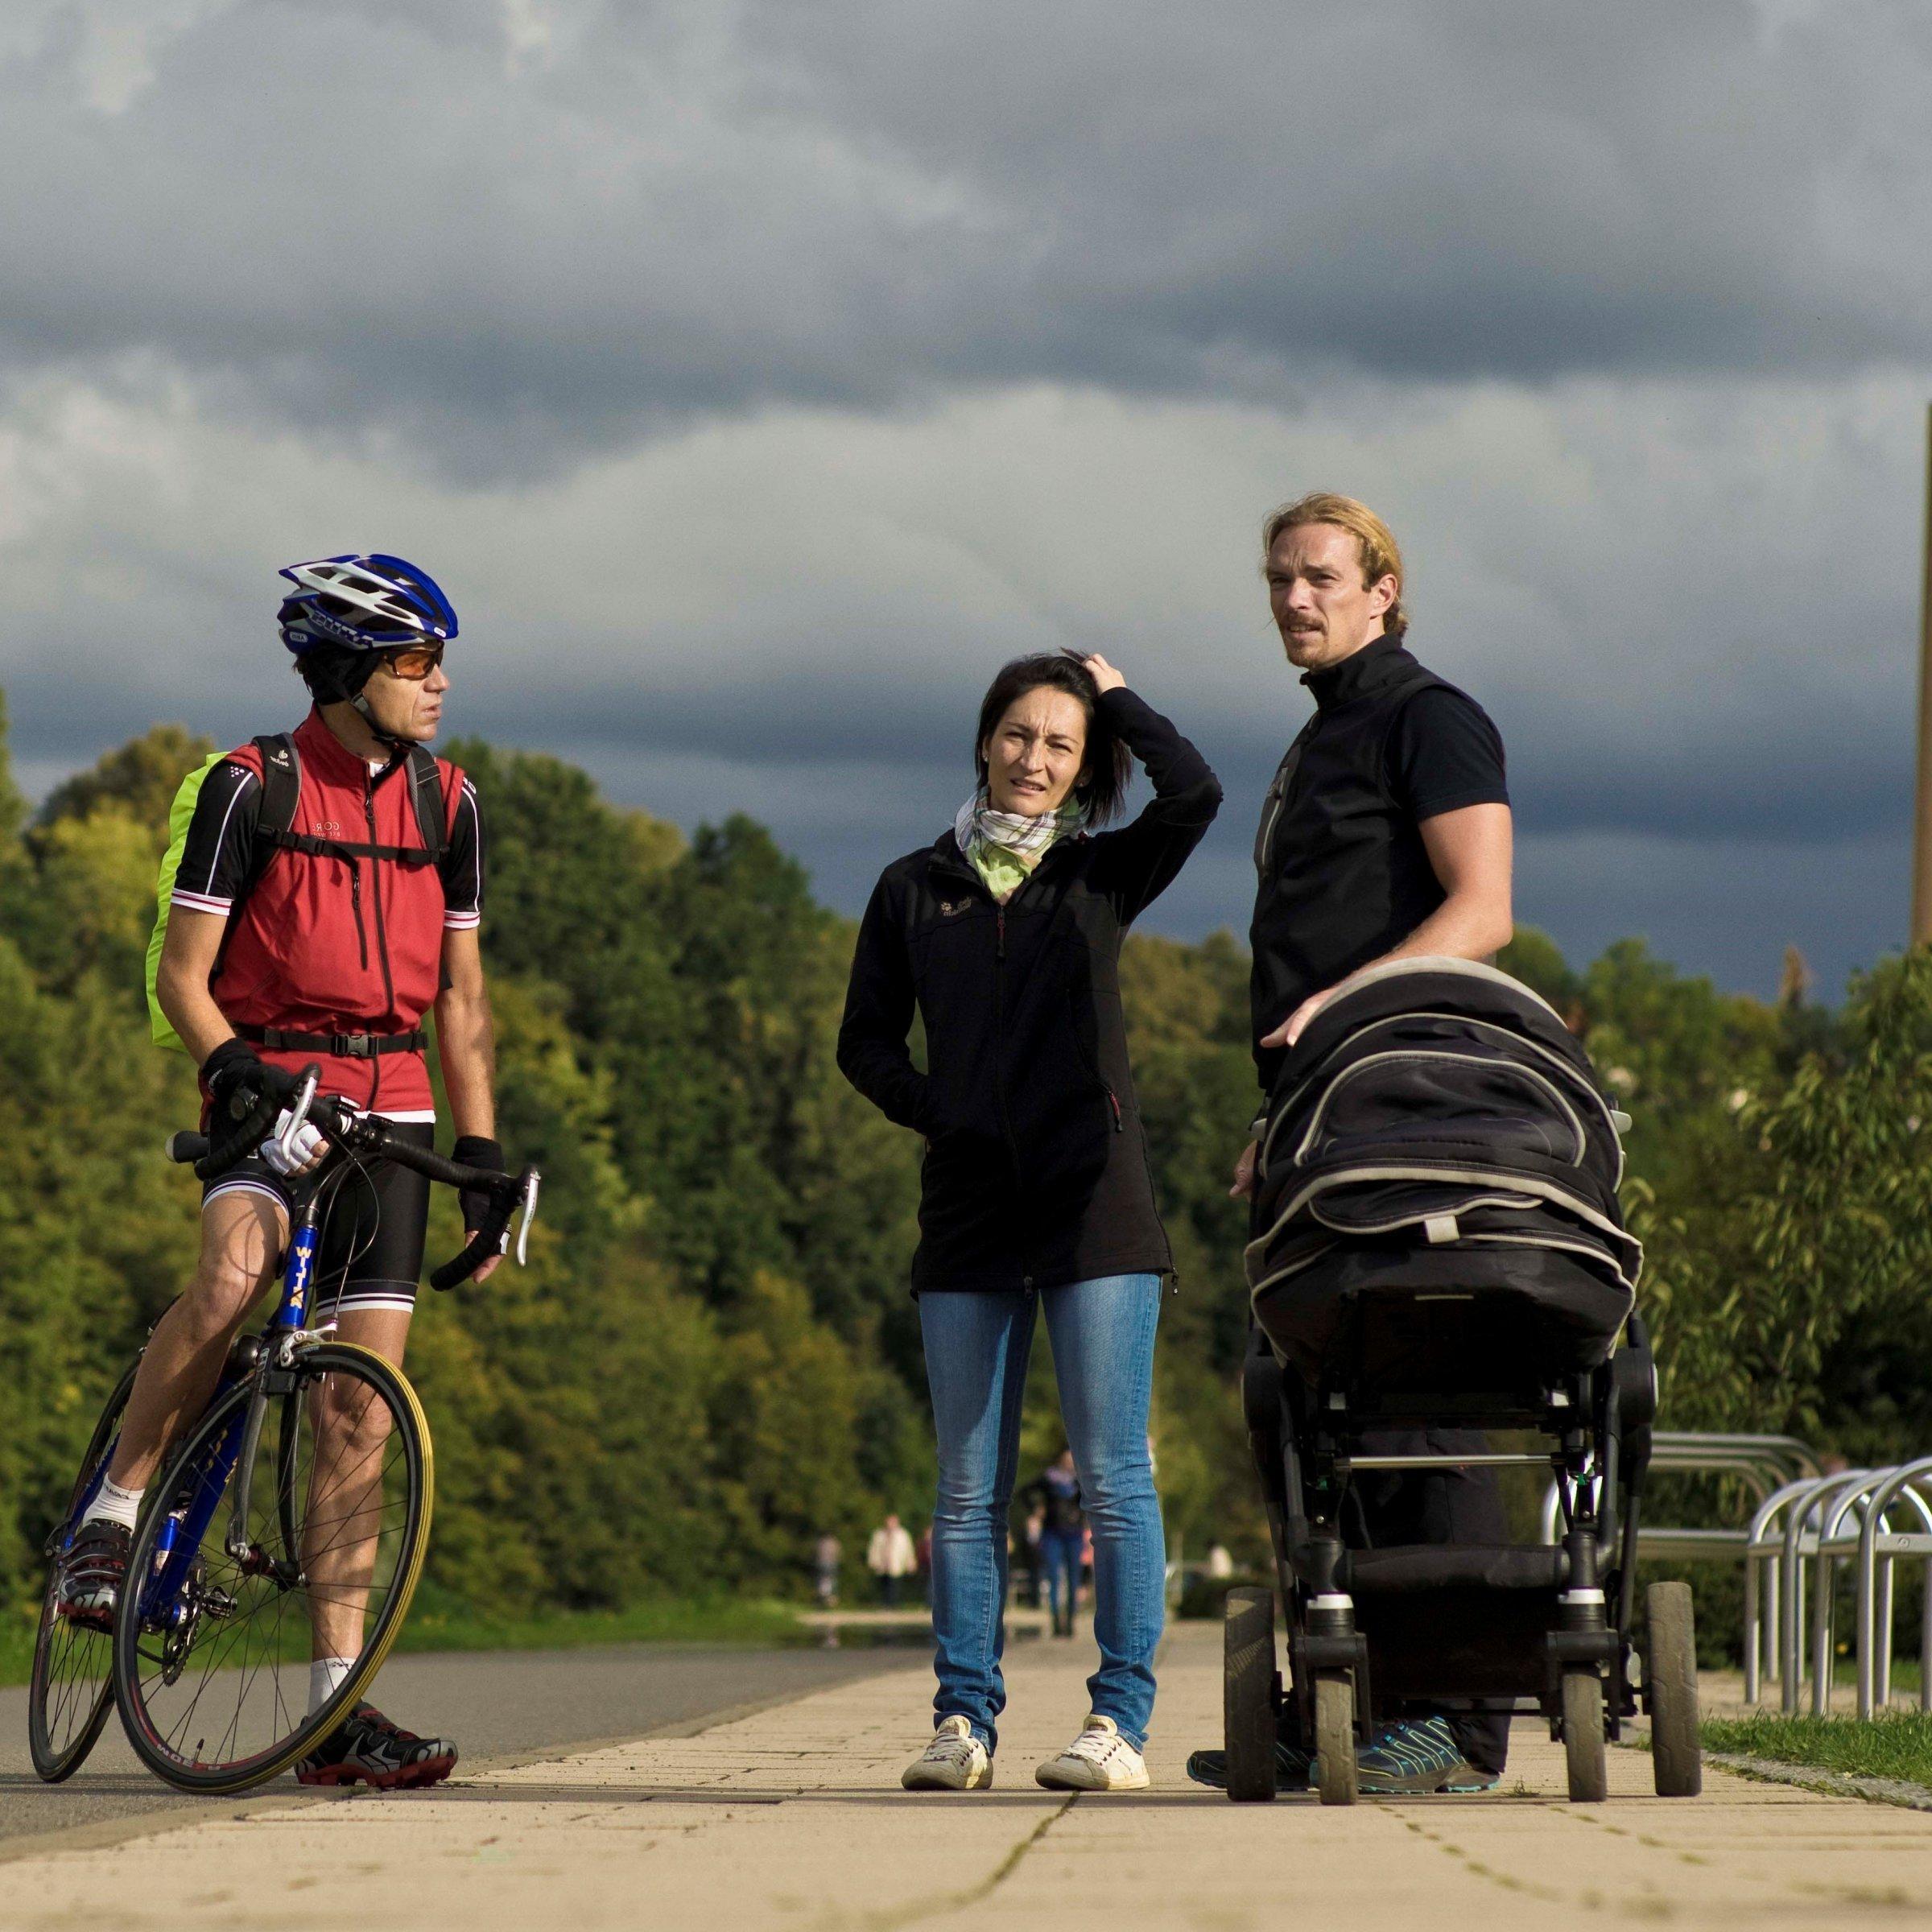 Der Reporter auf dem Rennrad im Gespräch mit einem Paar aus Sachsen, das einen Kinderwagen schiebt.